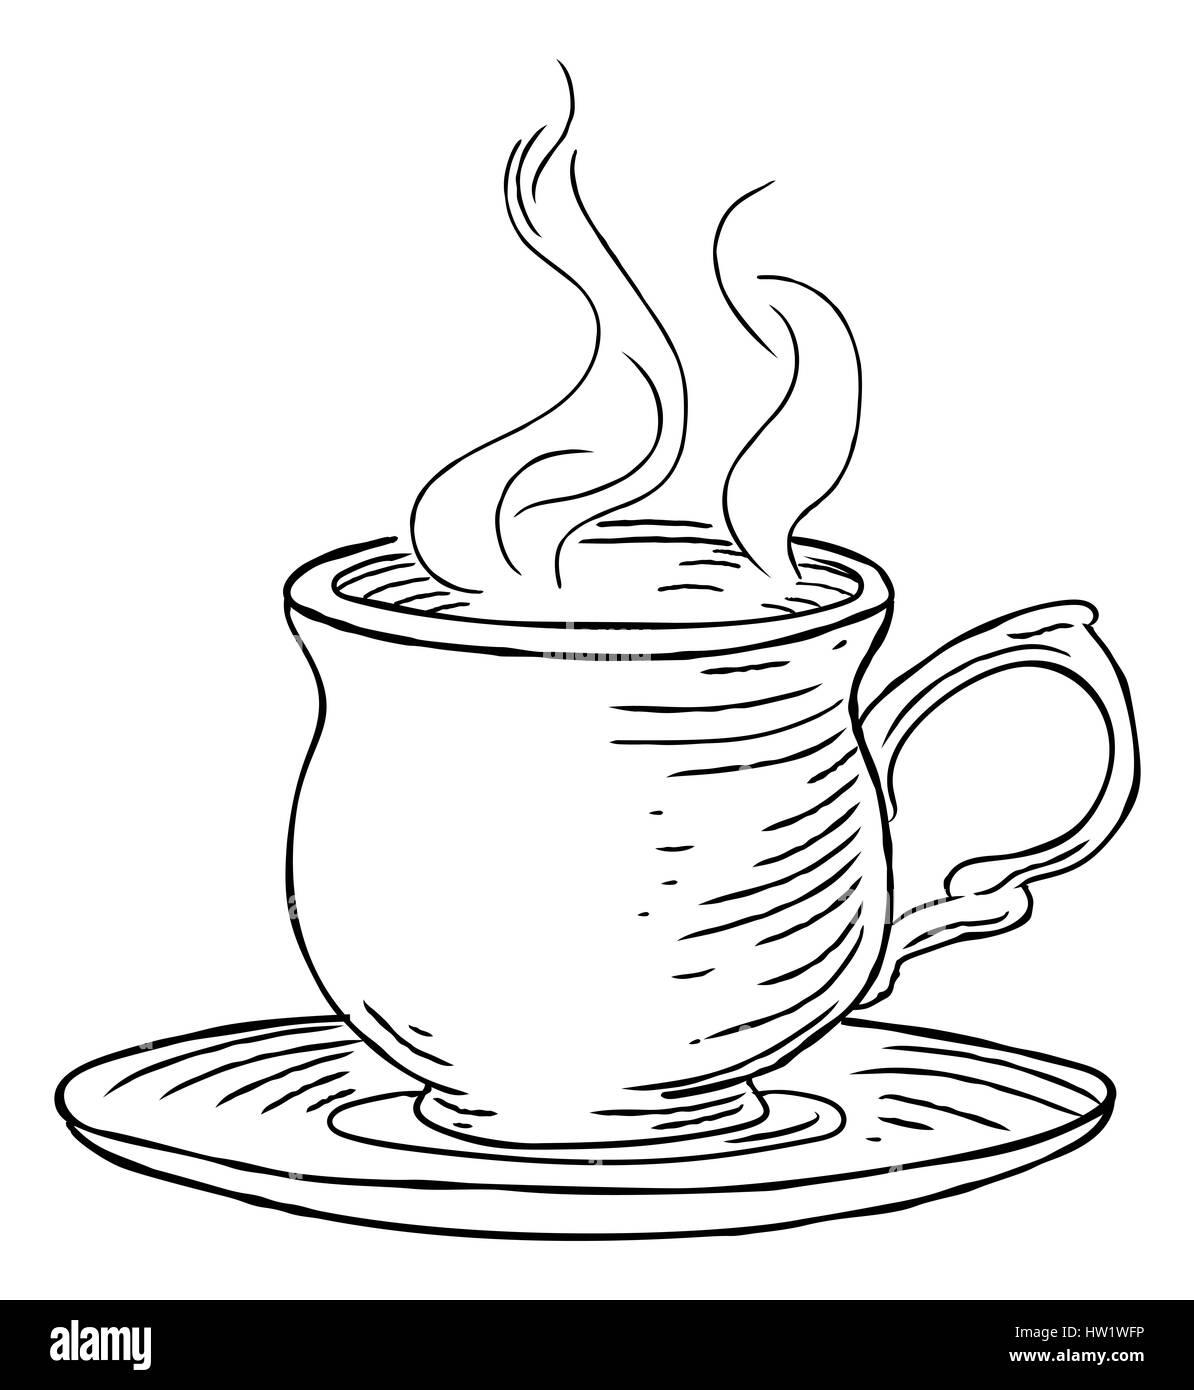 Dessin Tasse De Café Fumant une tasse fumante de thé ou café et soucoupe part dessiner dans un